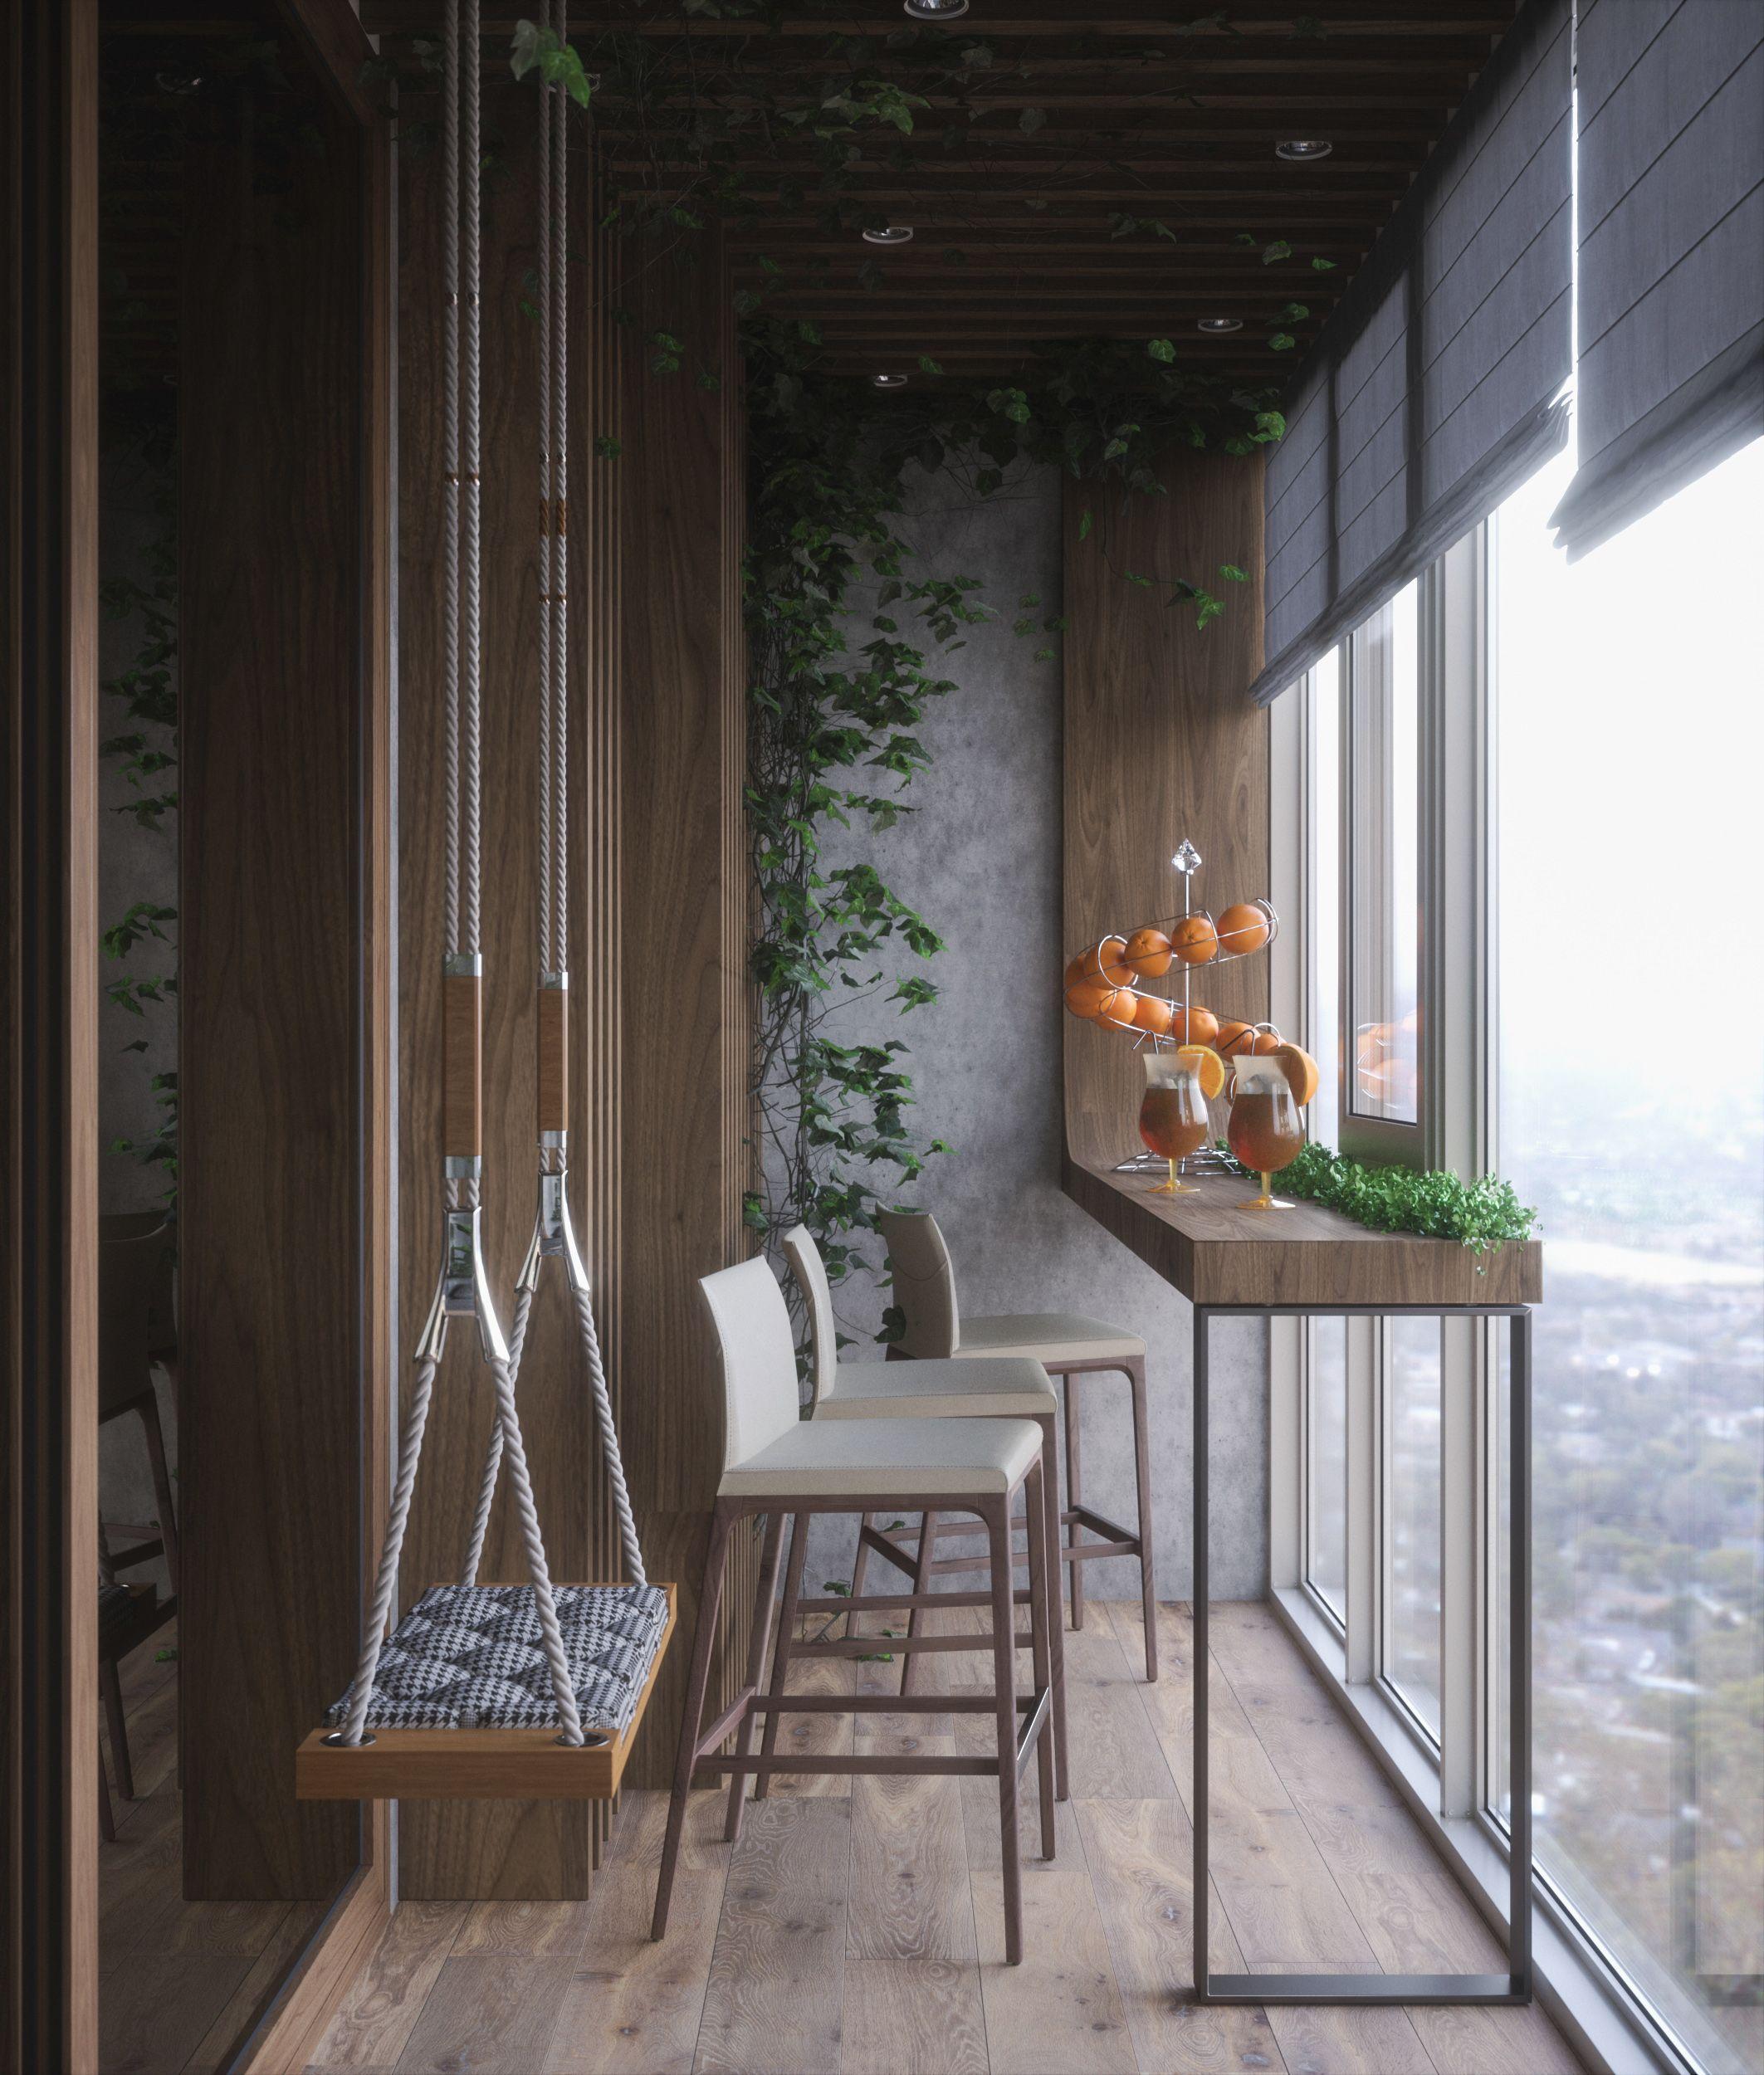 Bedroom Wardrobe Terrace Small Balcony Decor Small